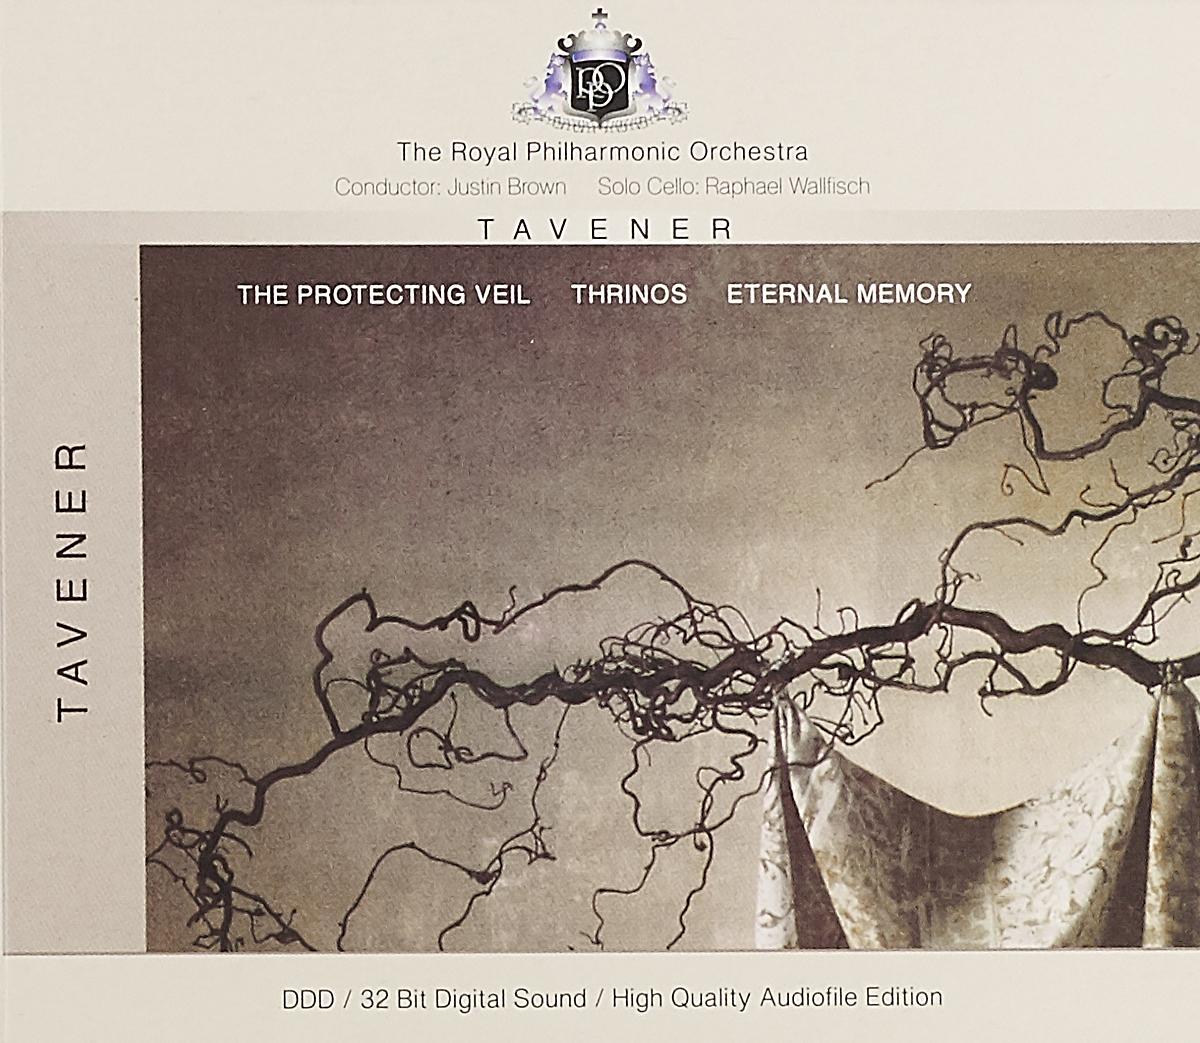 цена на The Royal Philharmonic Orchestra The Royal Philharmonic Orchestra. Tavener. The Protecting Veil / Thrinos / Eternal Memory